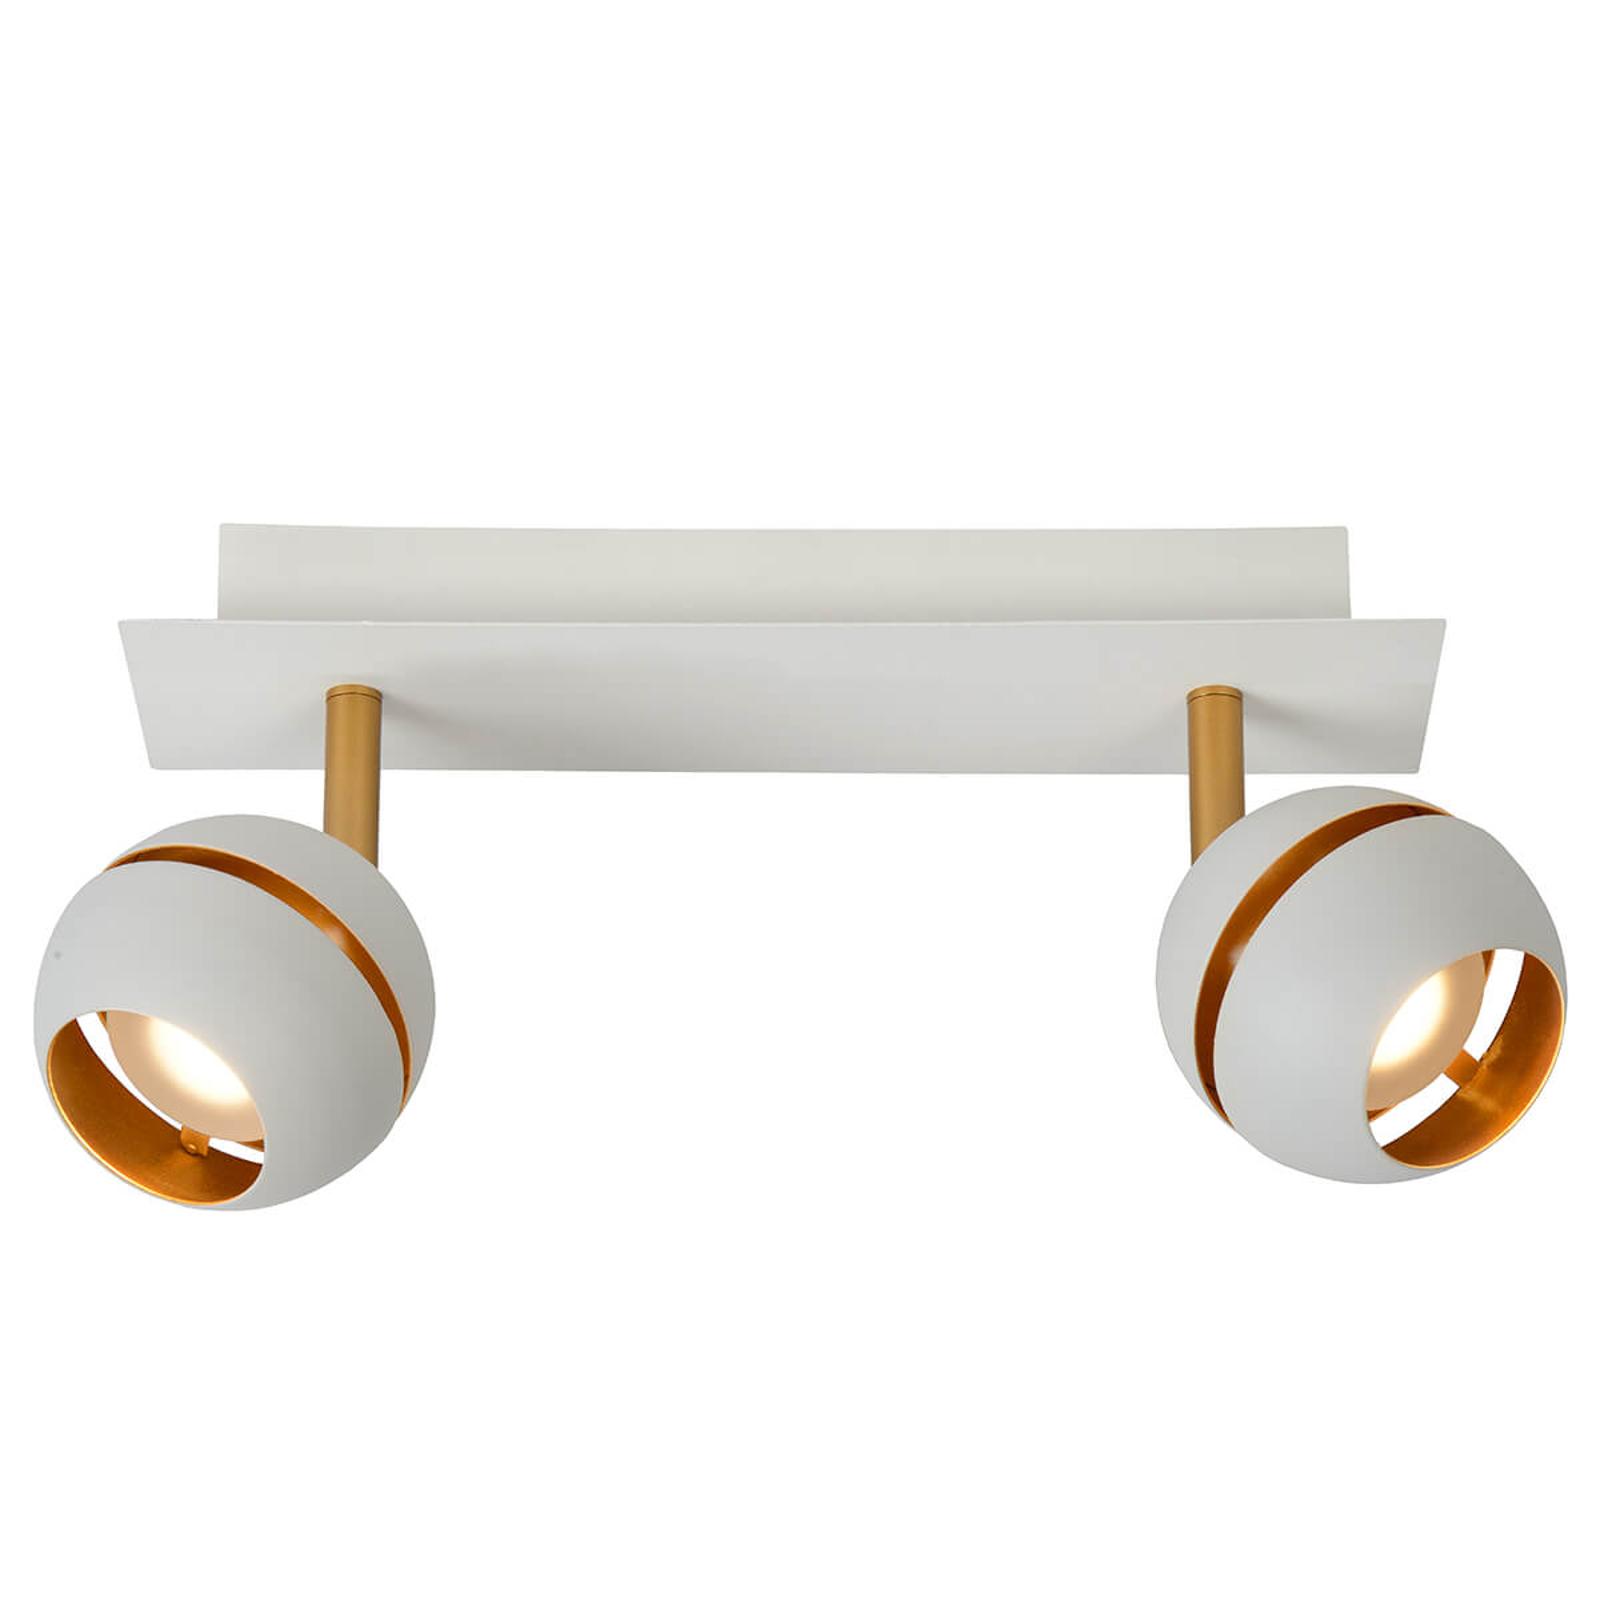 LED-kattovalaisin Binari, 2-lamppuinen, valkoinen